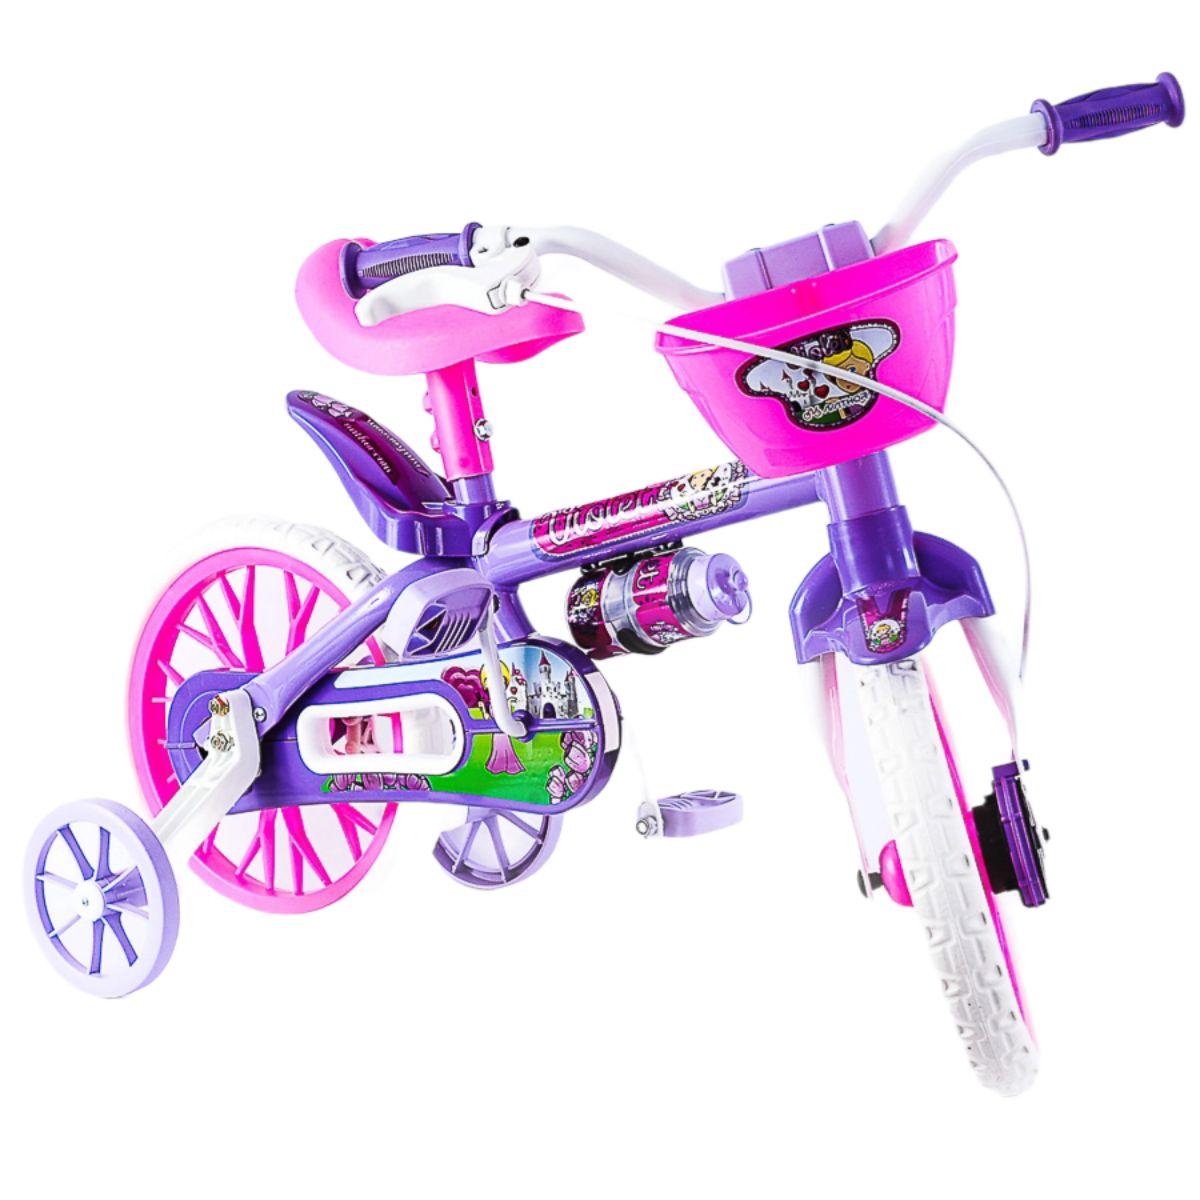 Bicicleta Infantil Menina Aro 12 Rosa/Branca/violeta -Nathor